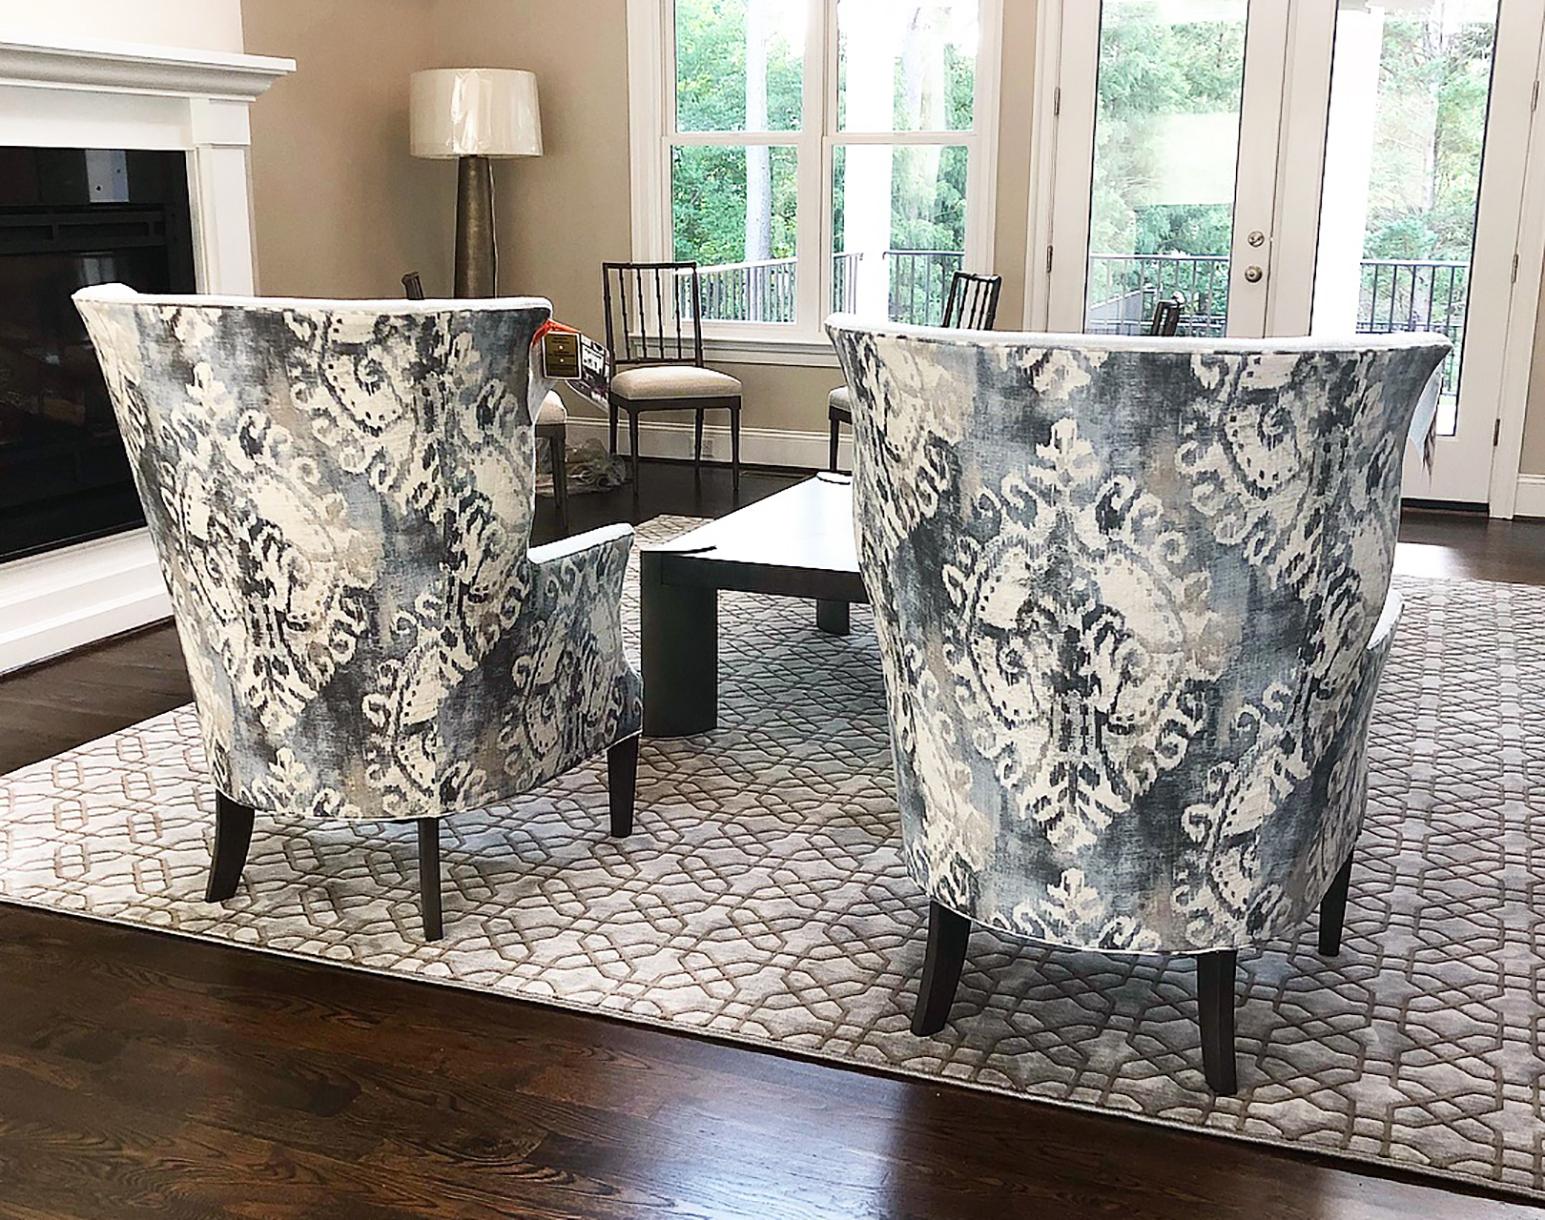 Appleton_livingroomchairs_install2.jpg